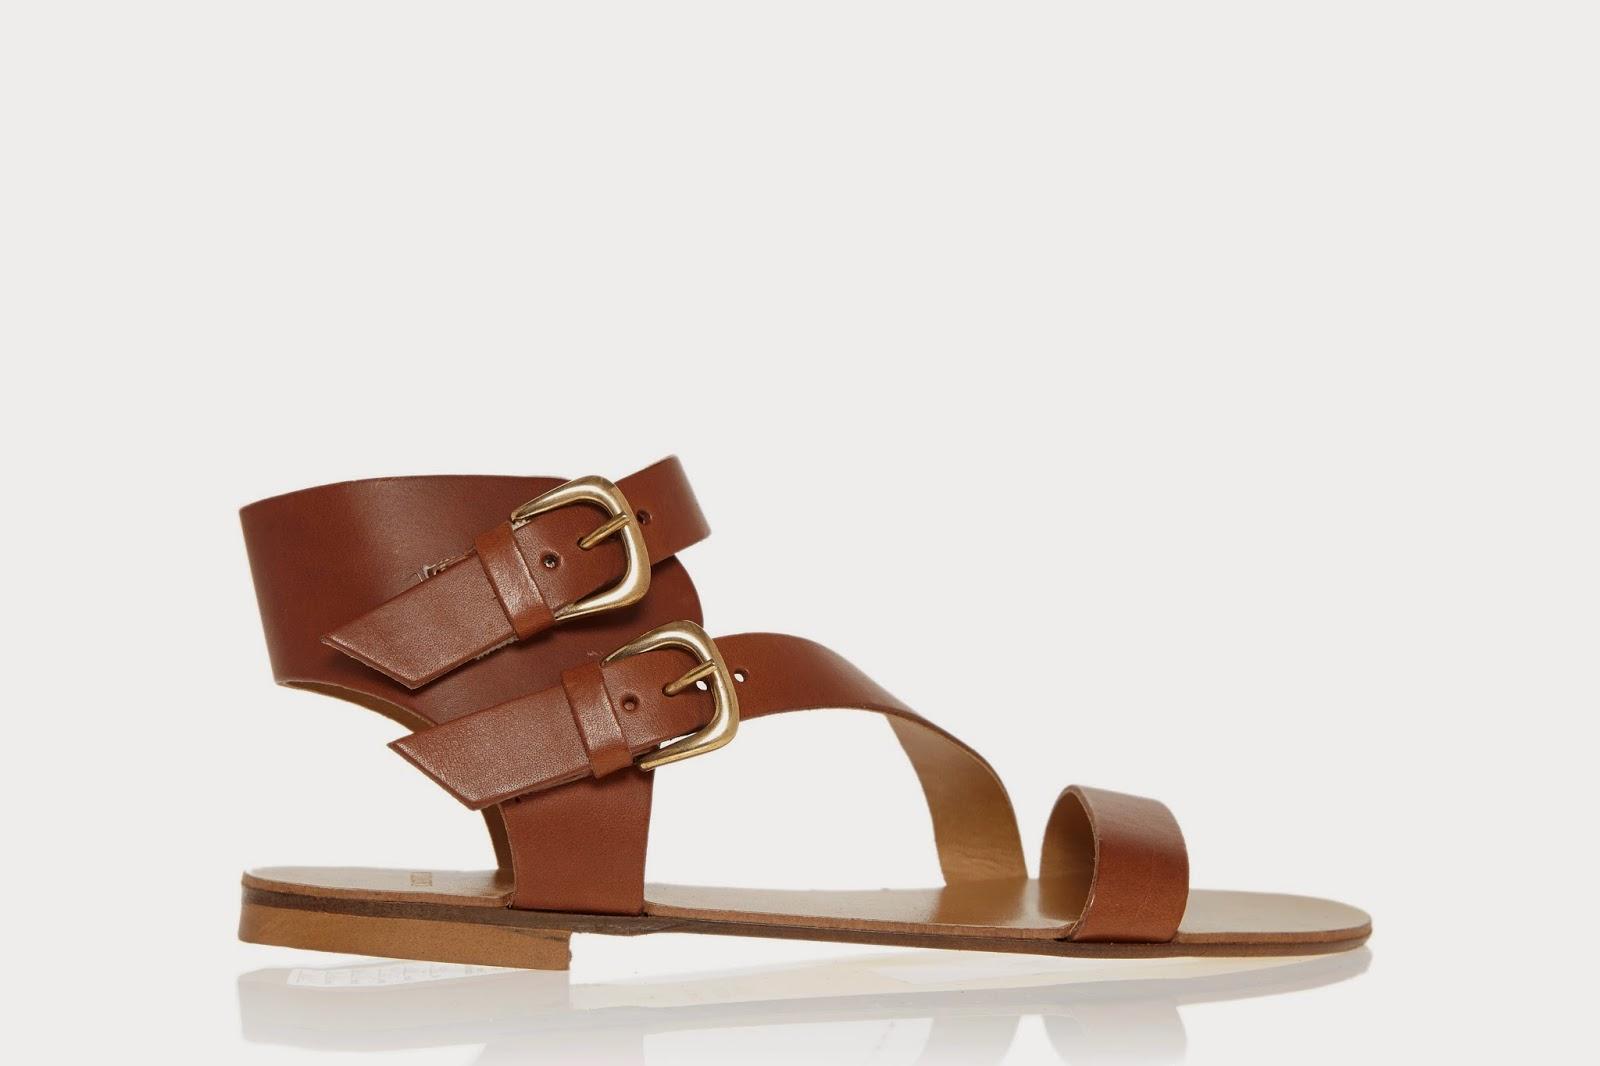 تشكيلة الصنادل من كيرت جيجر تروي قصة تاريخ الأحذية